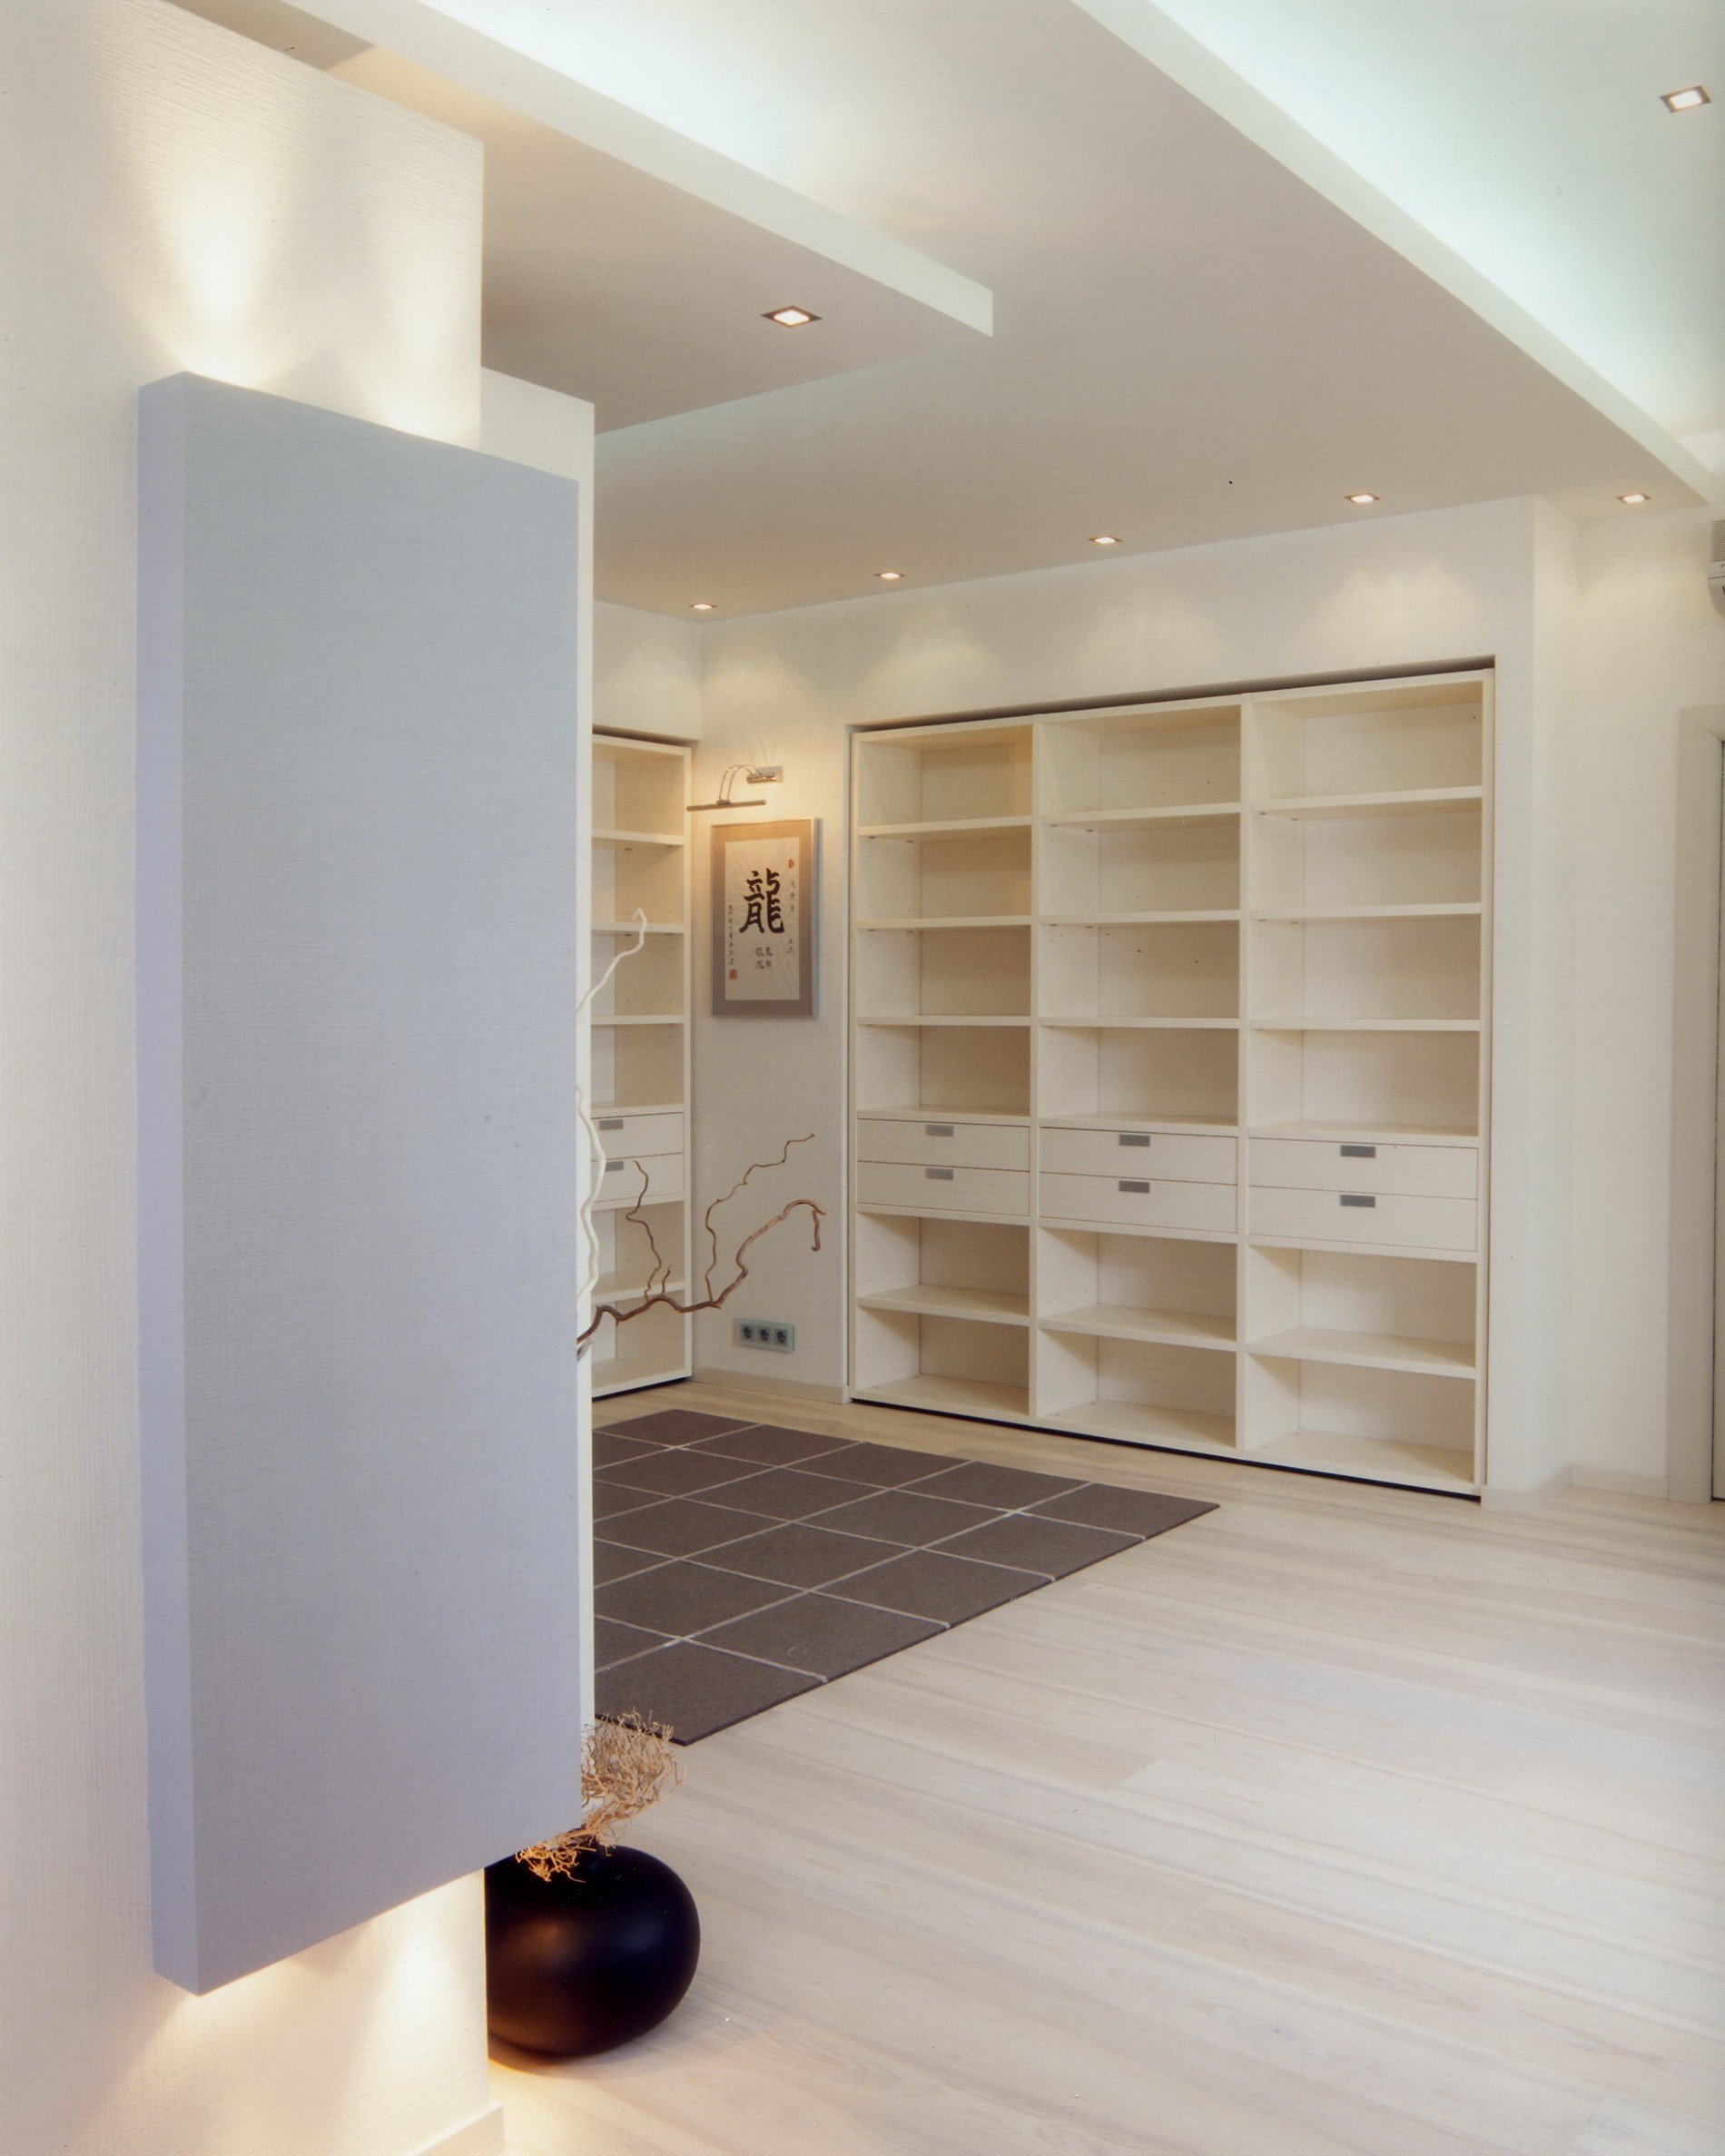 interier_interer-kvartiry-na-zapade-stolicy-v-stile-minimalizm_lxul_big